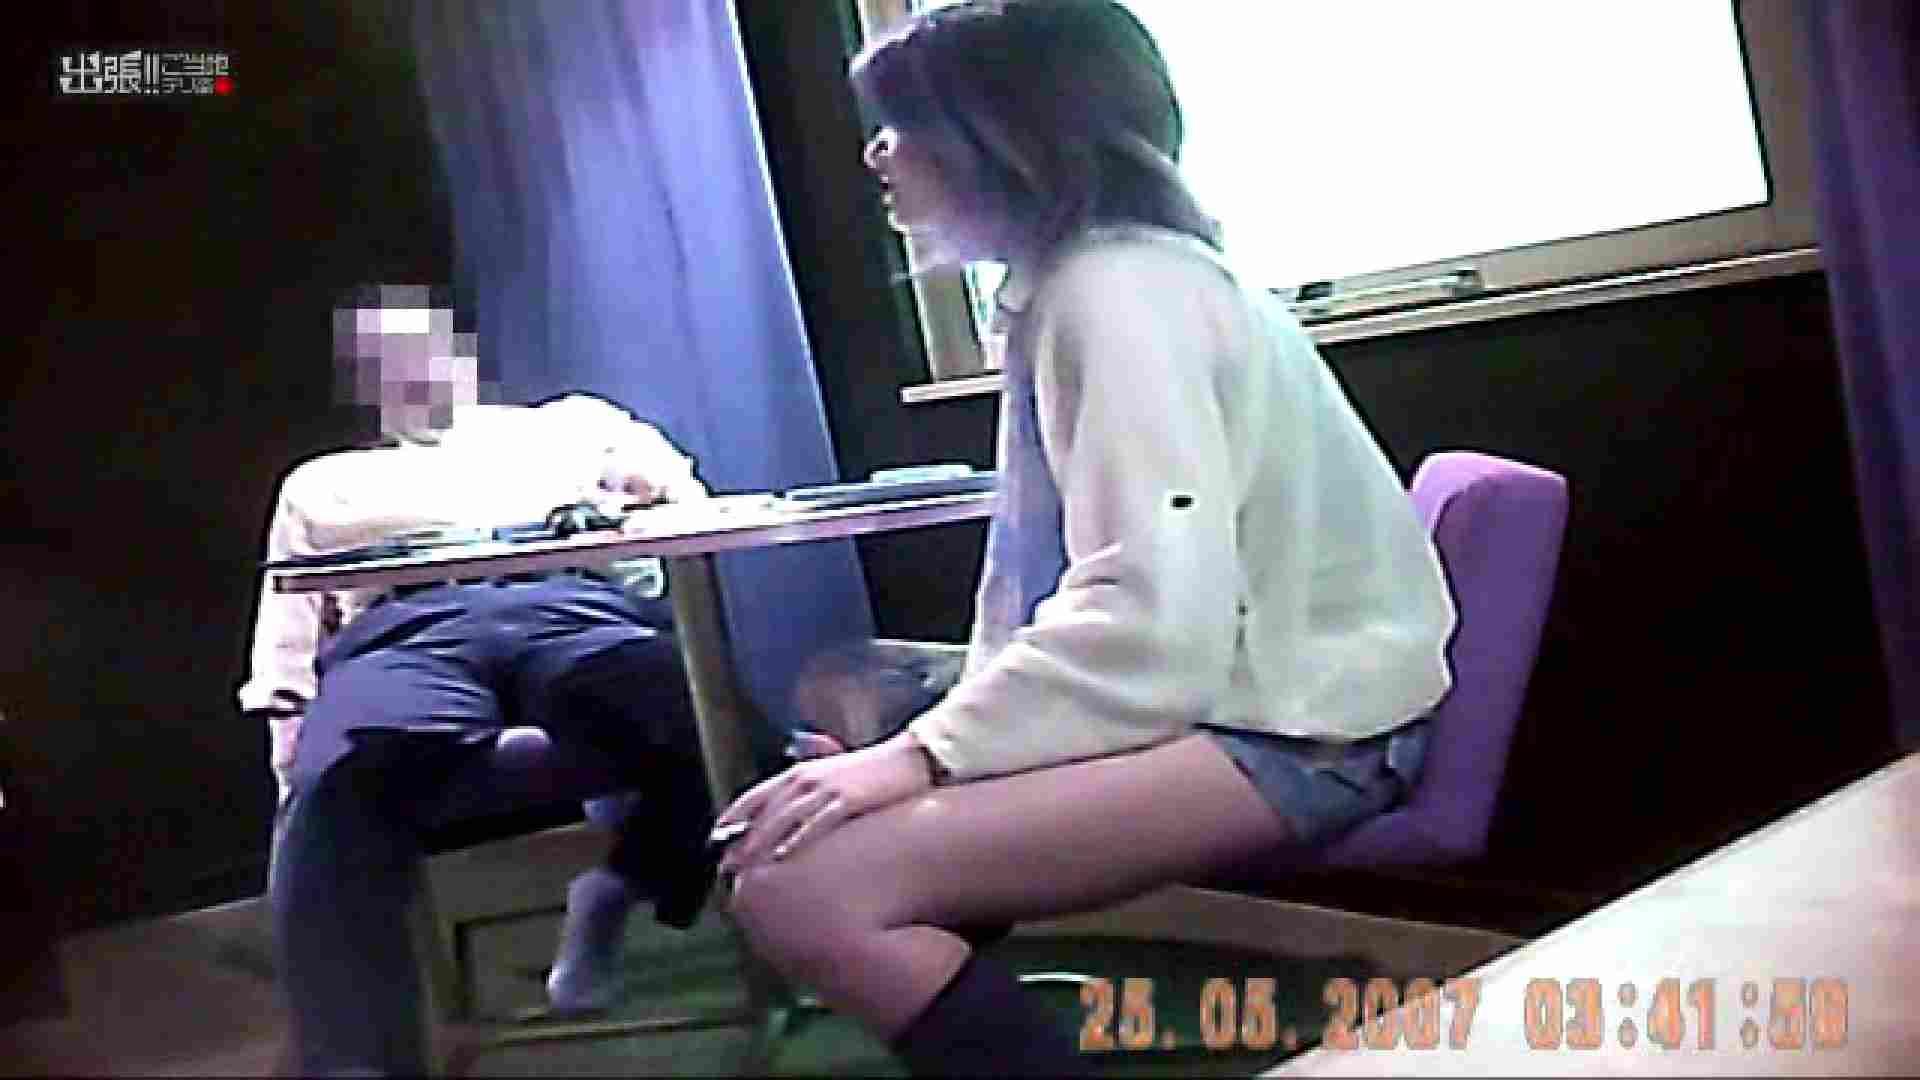 出張リーマンのデリ嬢隠し撮り第3弾vol.5 OLのエッチ 戯れ無修正画像 97pic 58